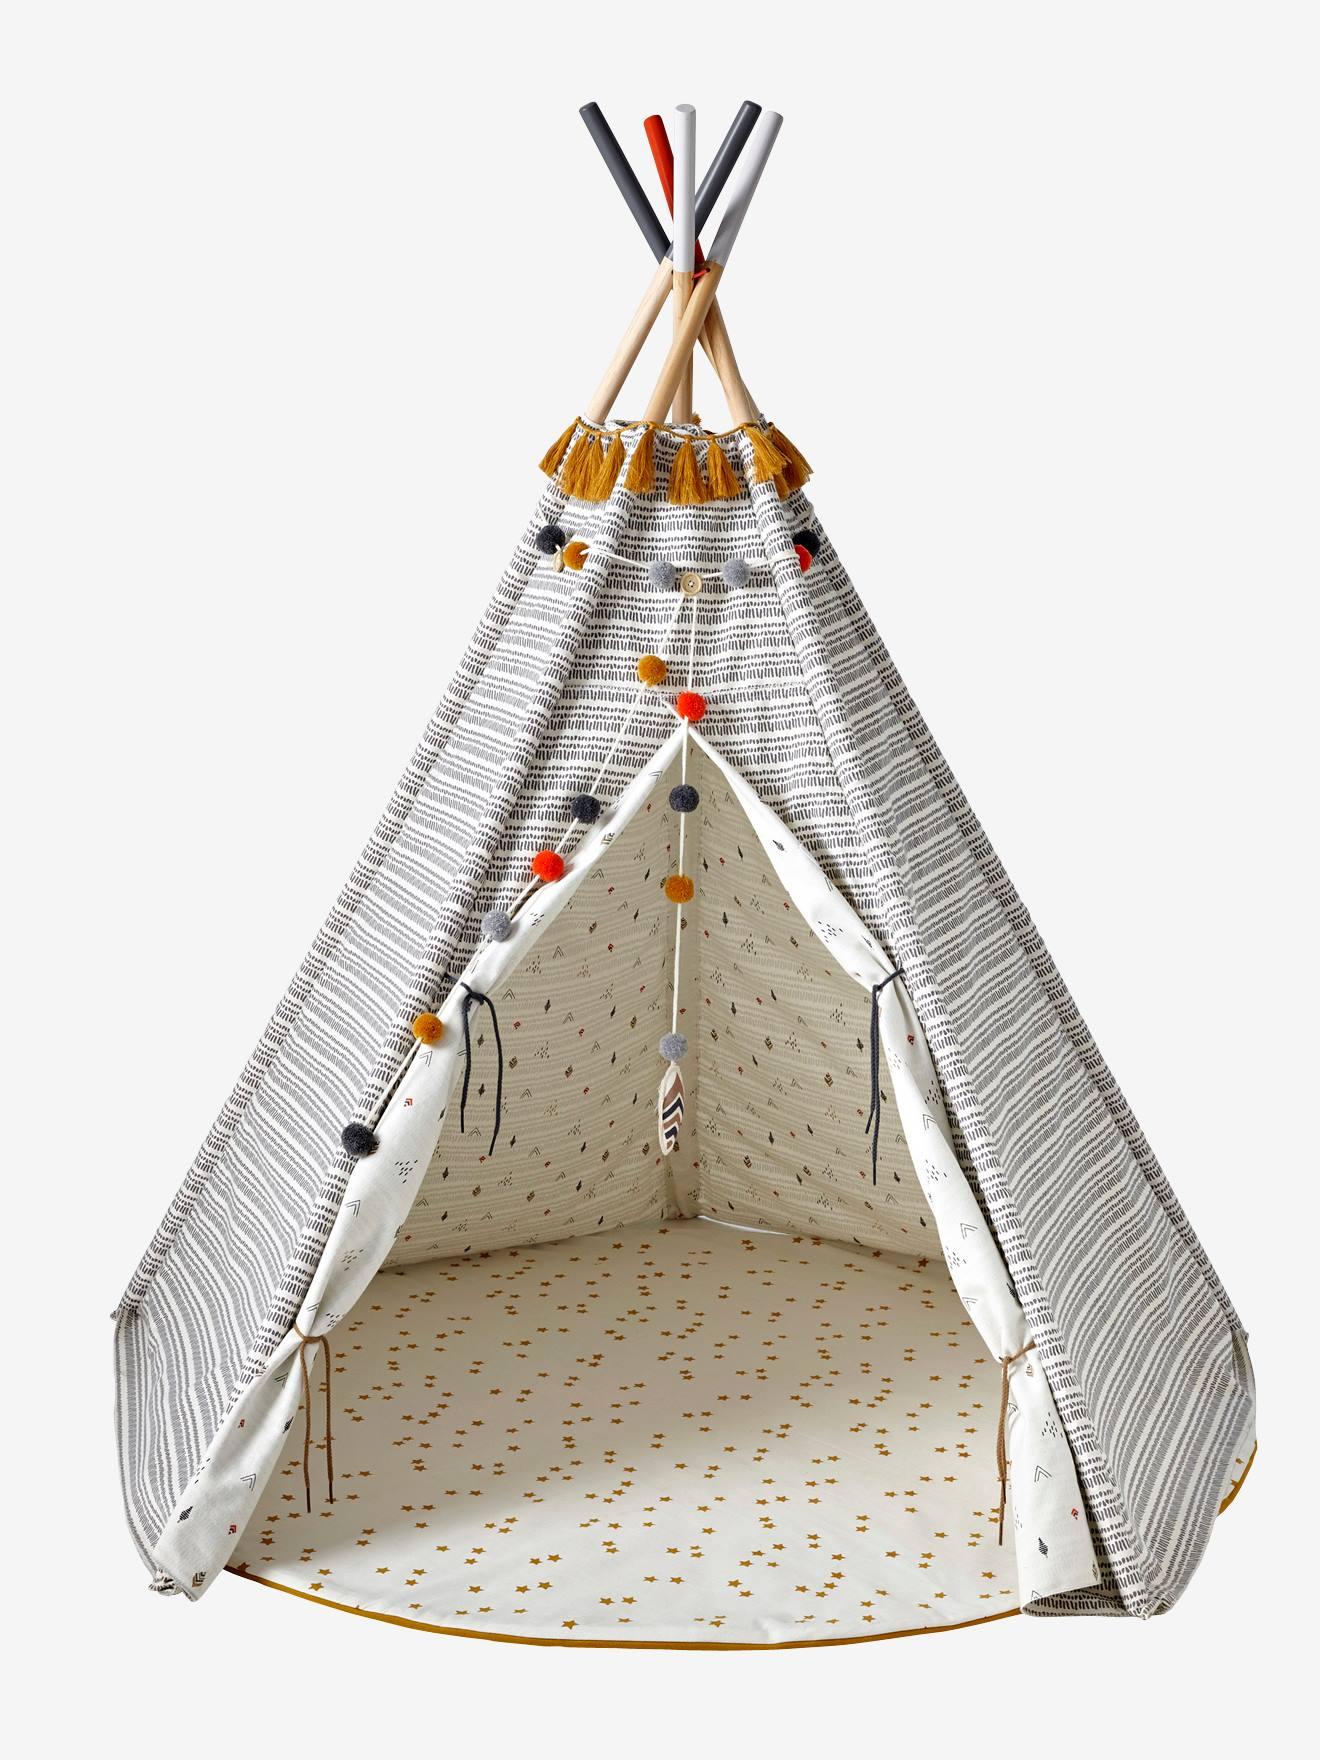 Runder Teppich Fur Indianer Tipi Grau Bedruckt Deko Aufbewahren